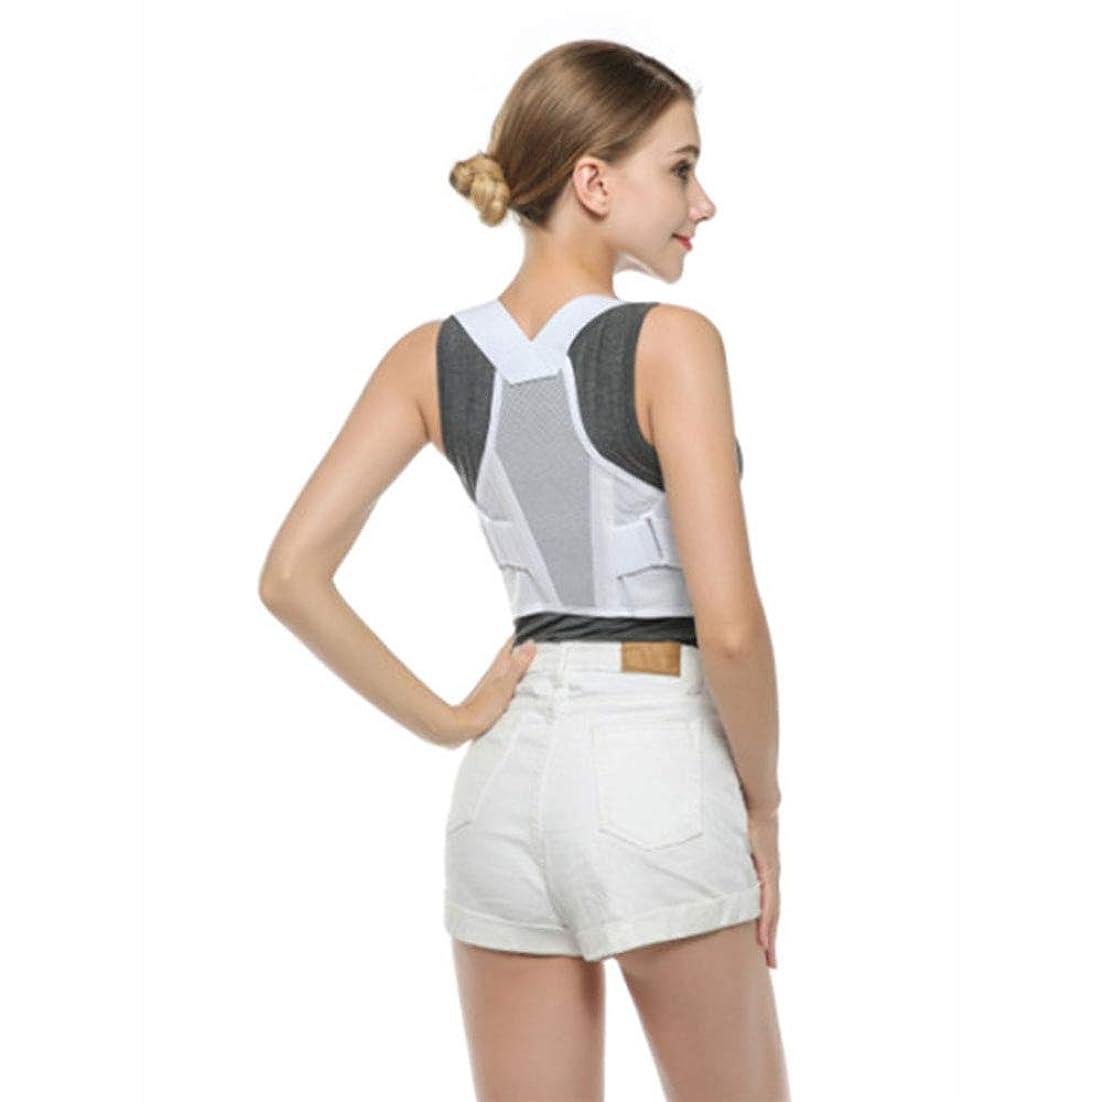 厚さ書店不良品姿勢矯正器 - 上下の腰部サポートを提供する、男性と女性のための最高の姿勢矯正器 - 腰椎サポートには姿勢サポートが付属しています,XL